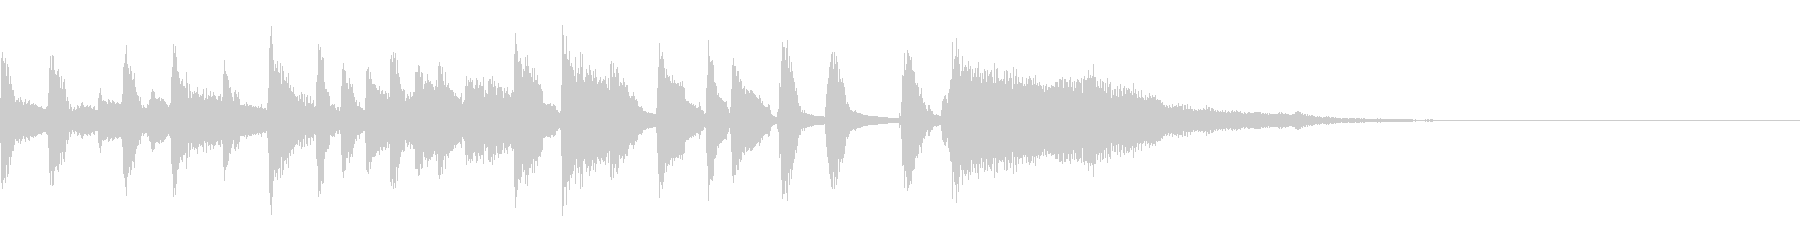 女性コーラスが可愛いボサノバのジングルの未再生の波形